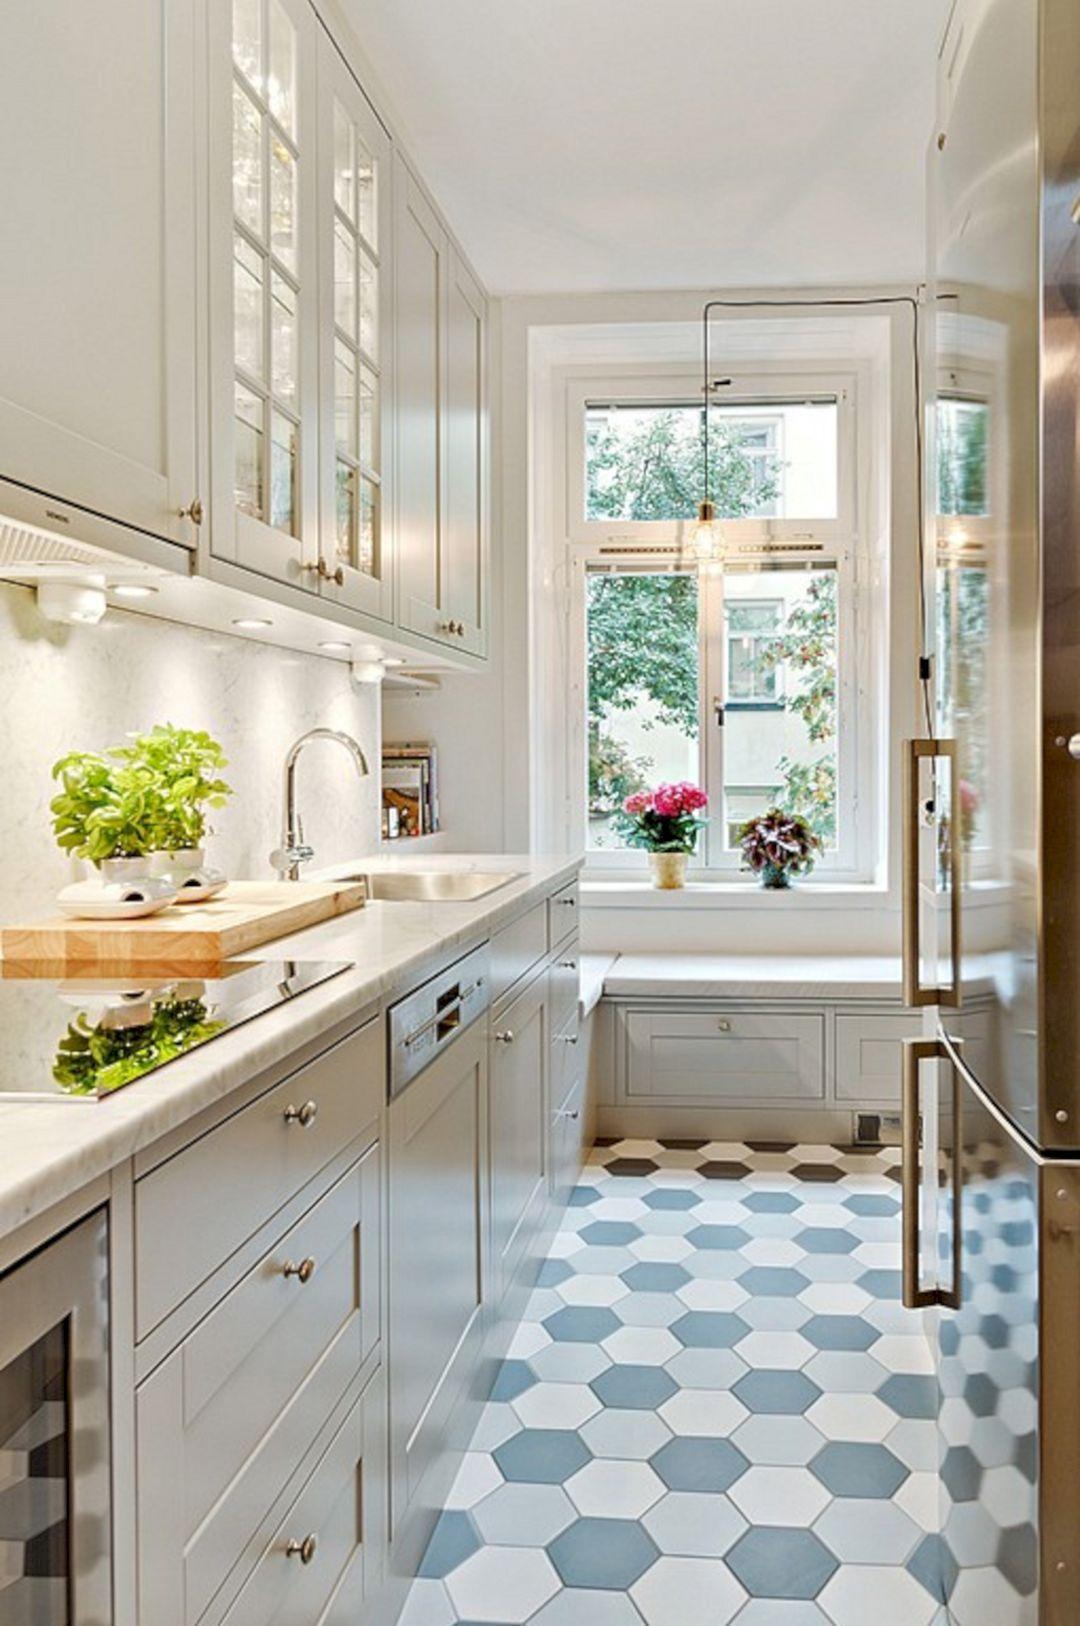 Pretty Small Kitchen Ideas 25 Picture Most Inspire 021 Kitchen Remodel Small Kitchen Design Small Long Narrow Kitchen